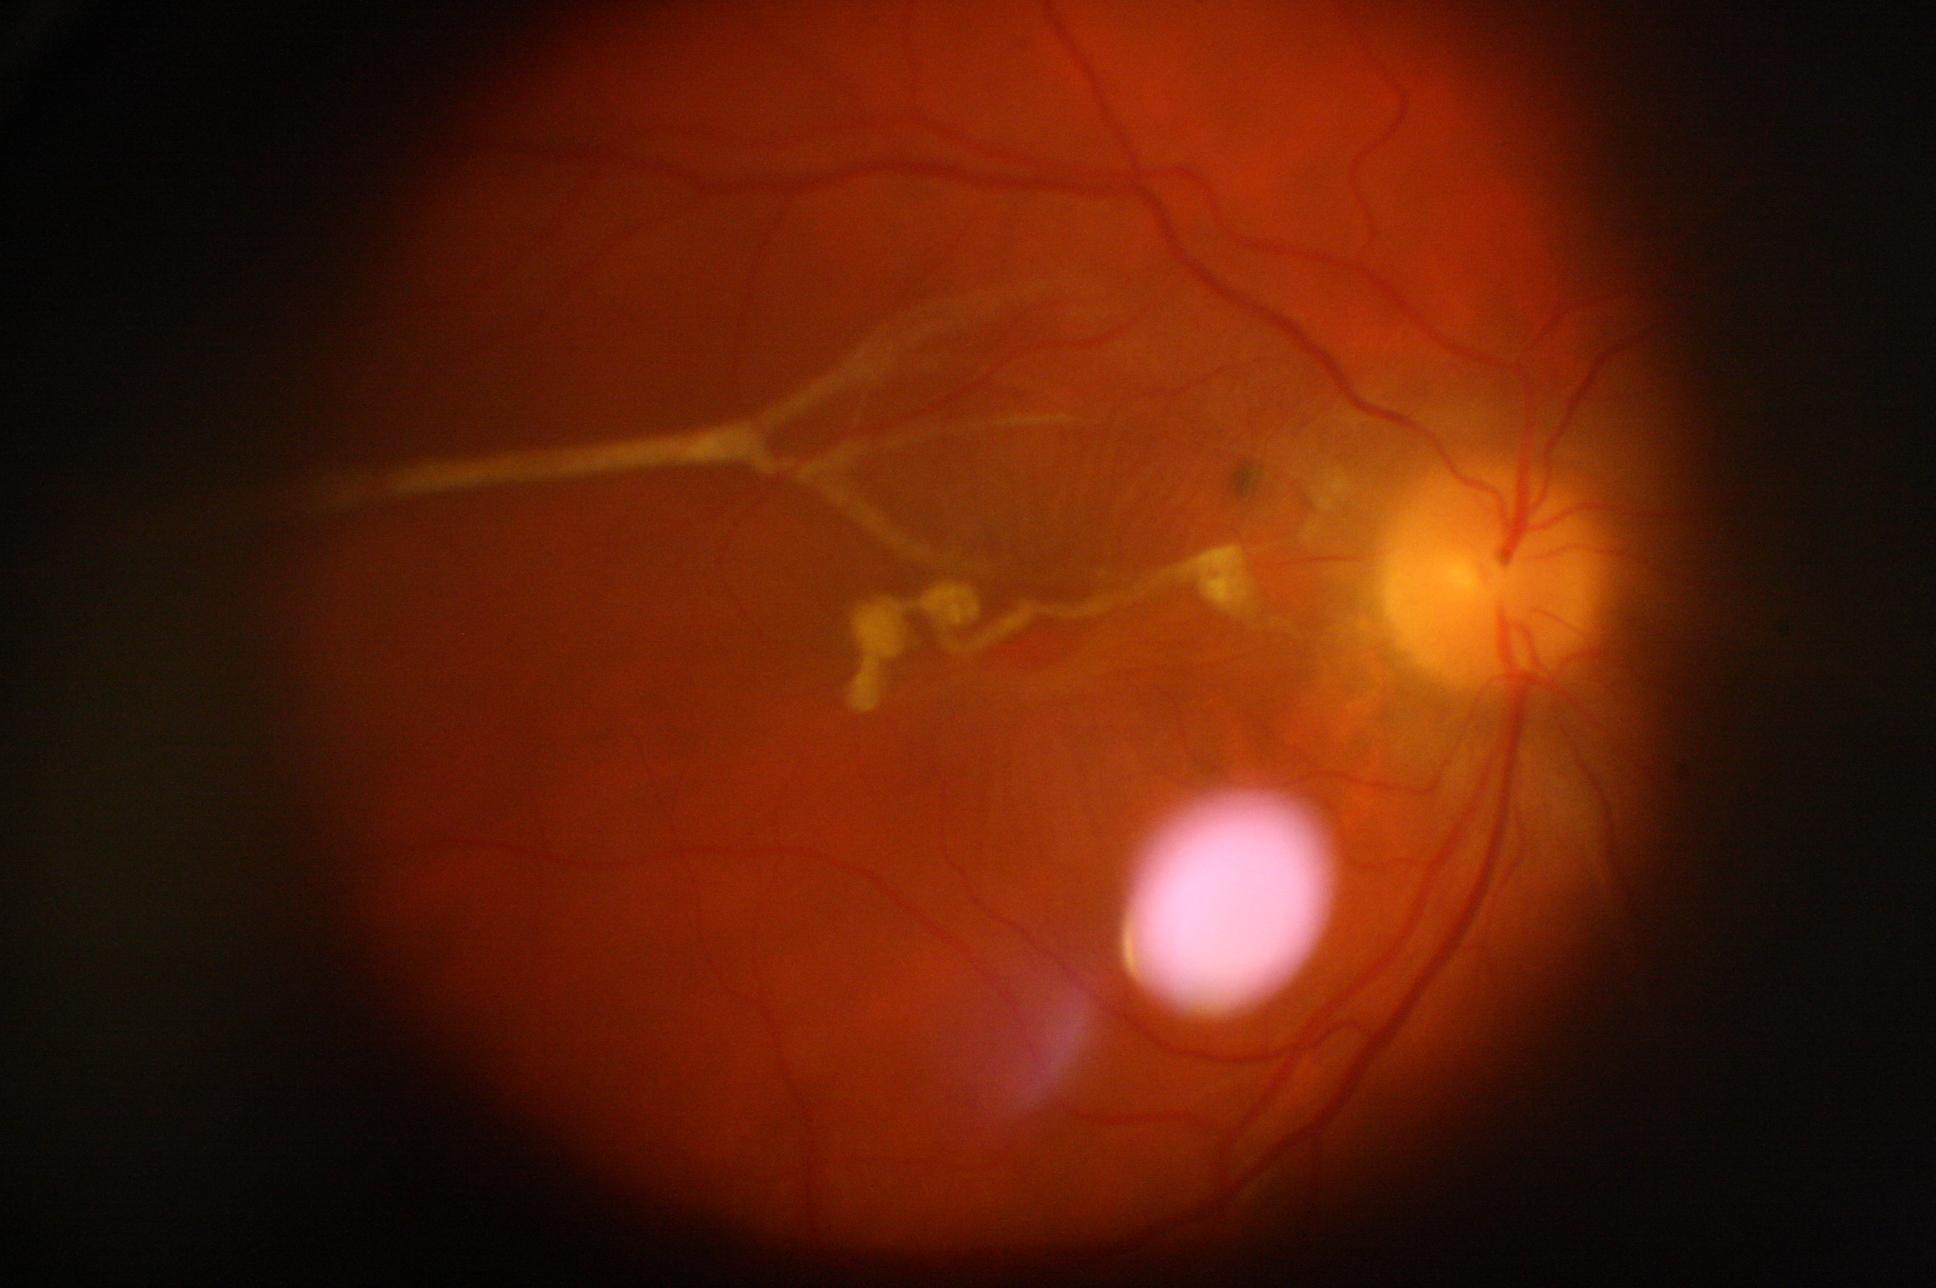 Колобома и гетерохромия (разная пигментация глаз) — довольно редкие патологии зрительных органов.